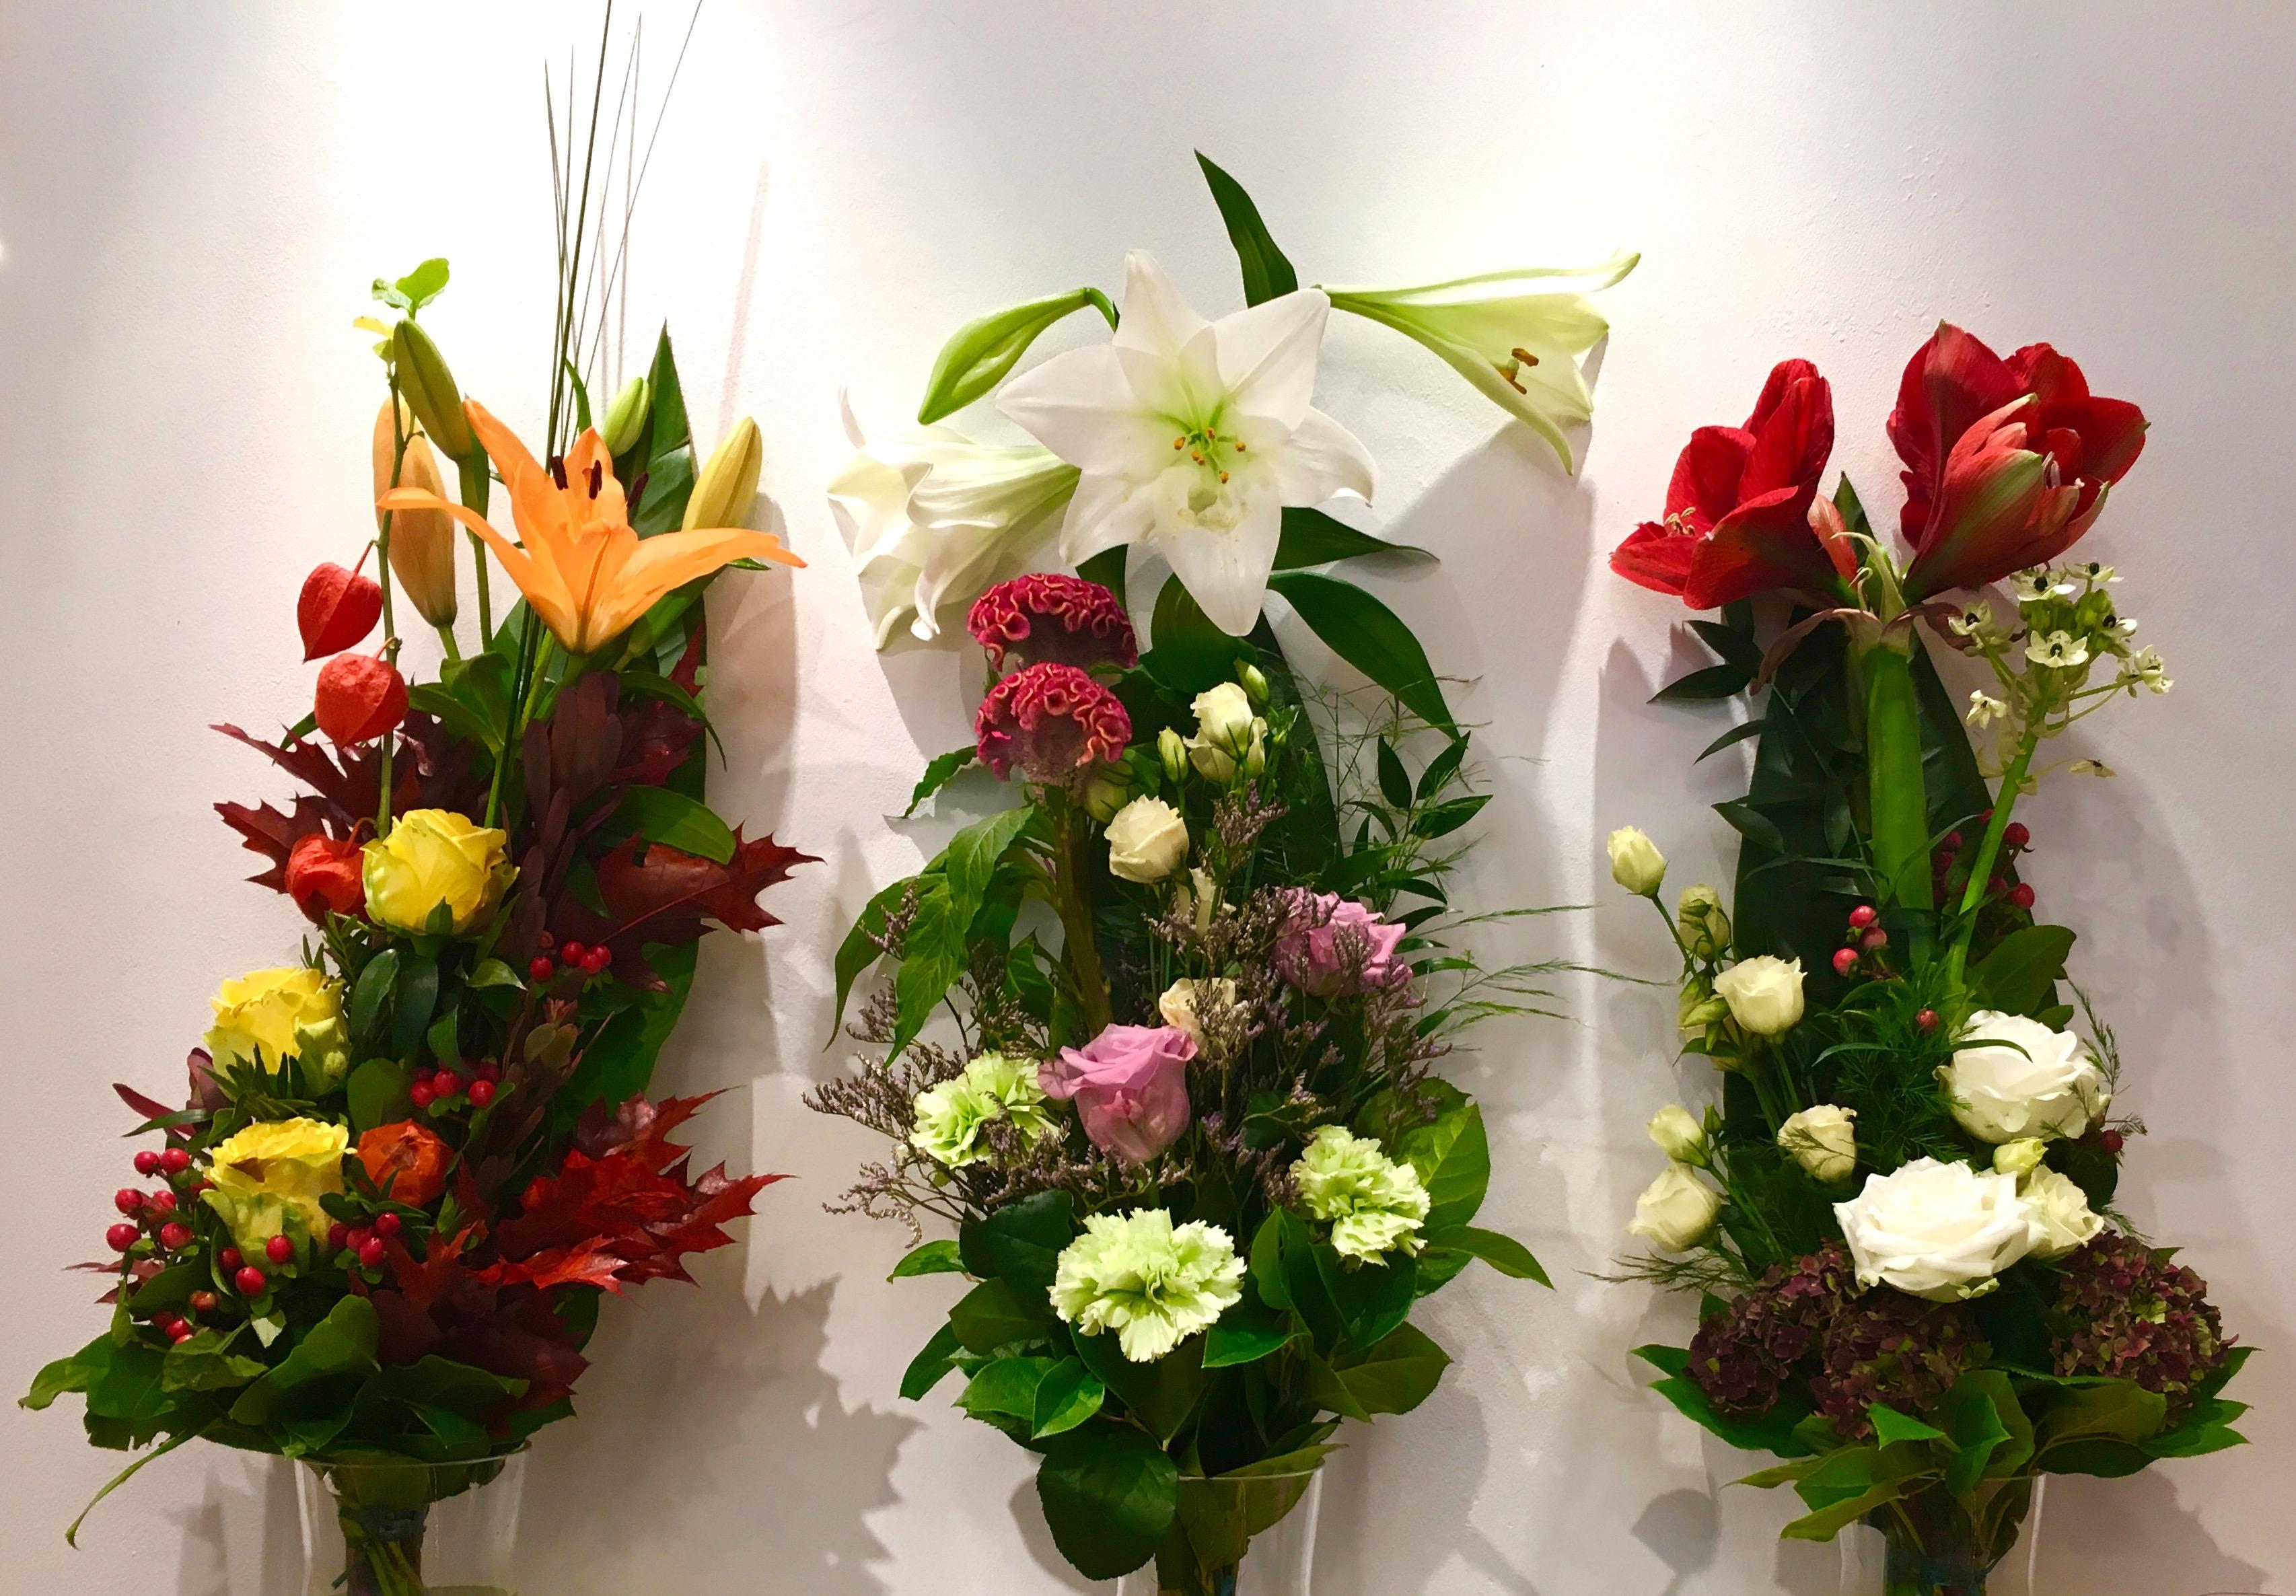 Liebevolle Dekorationen und Sträuße zeichnen das Flowerpower aus.